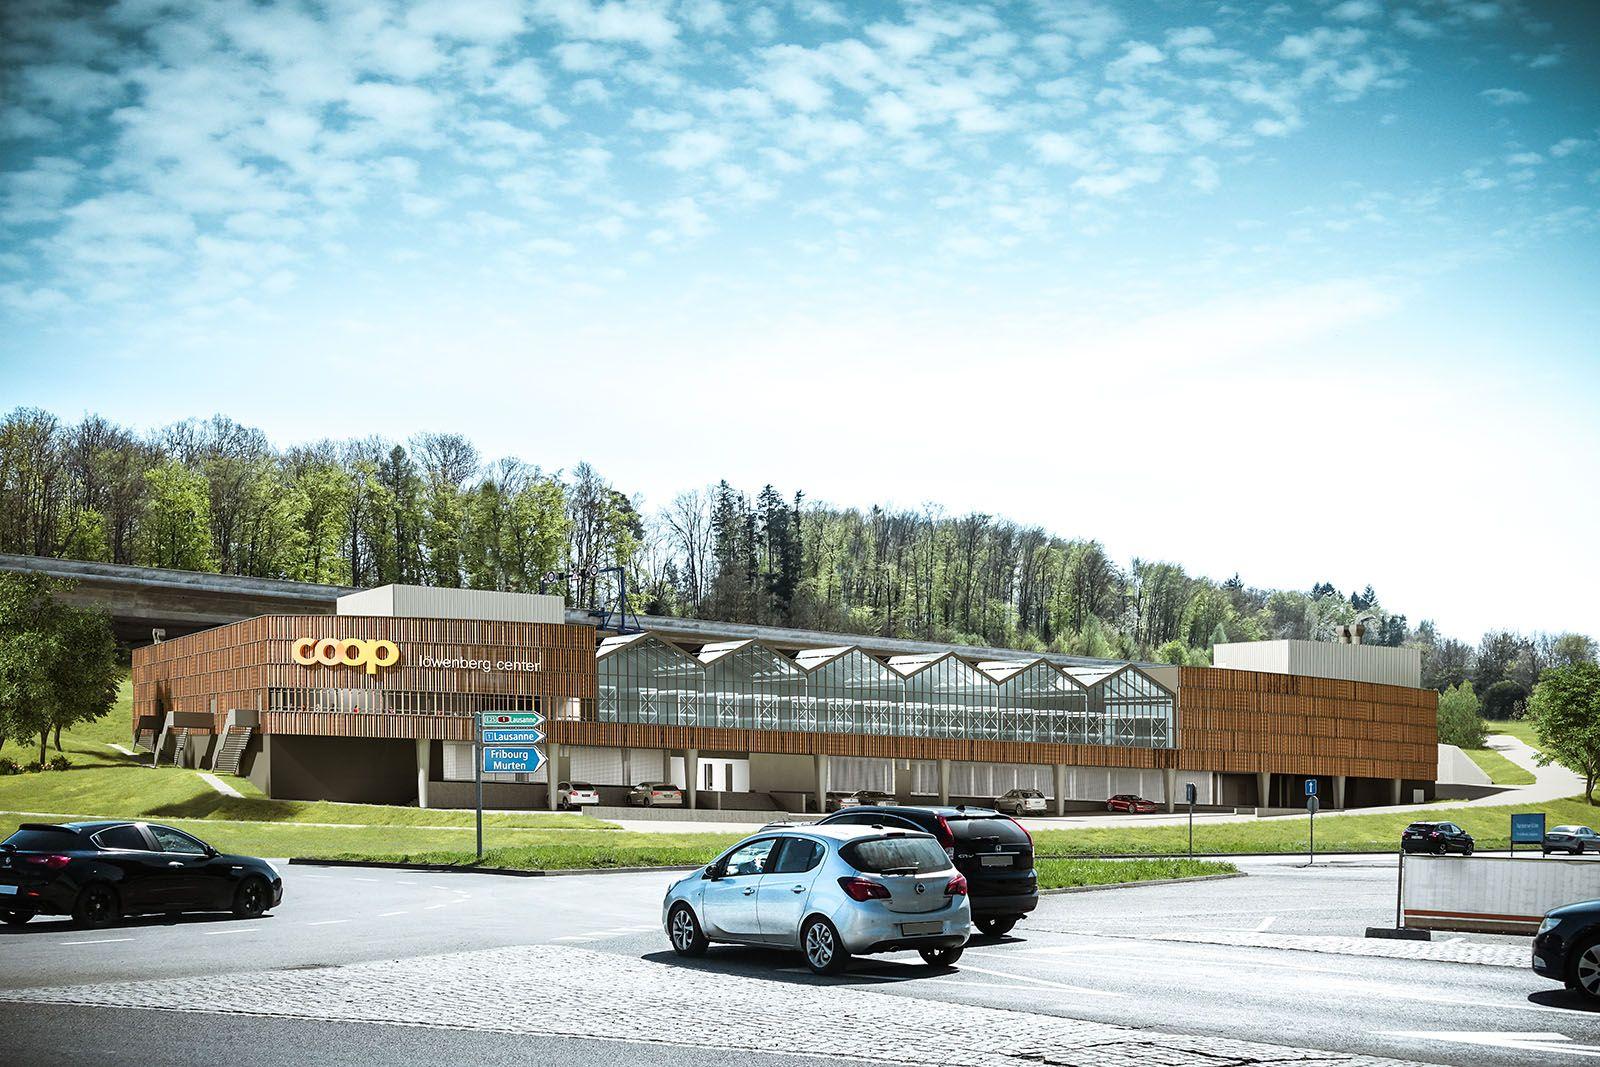 Coop supermarket 960